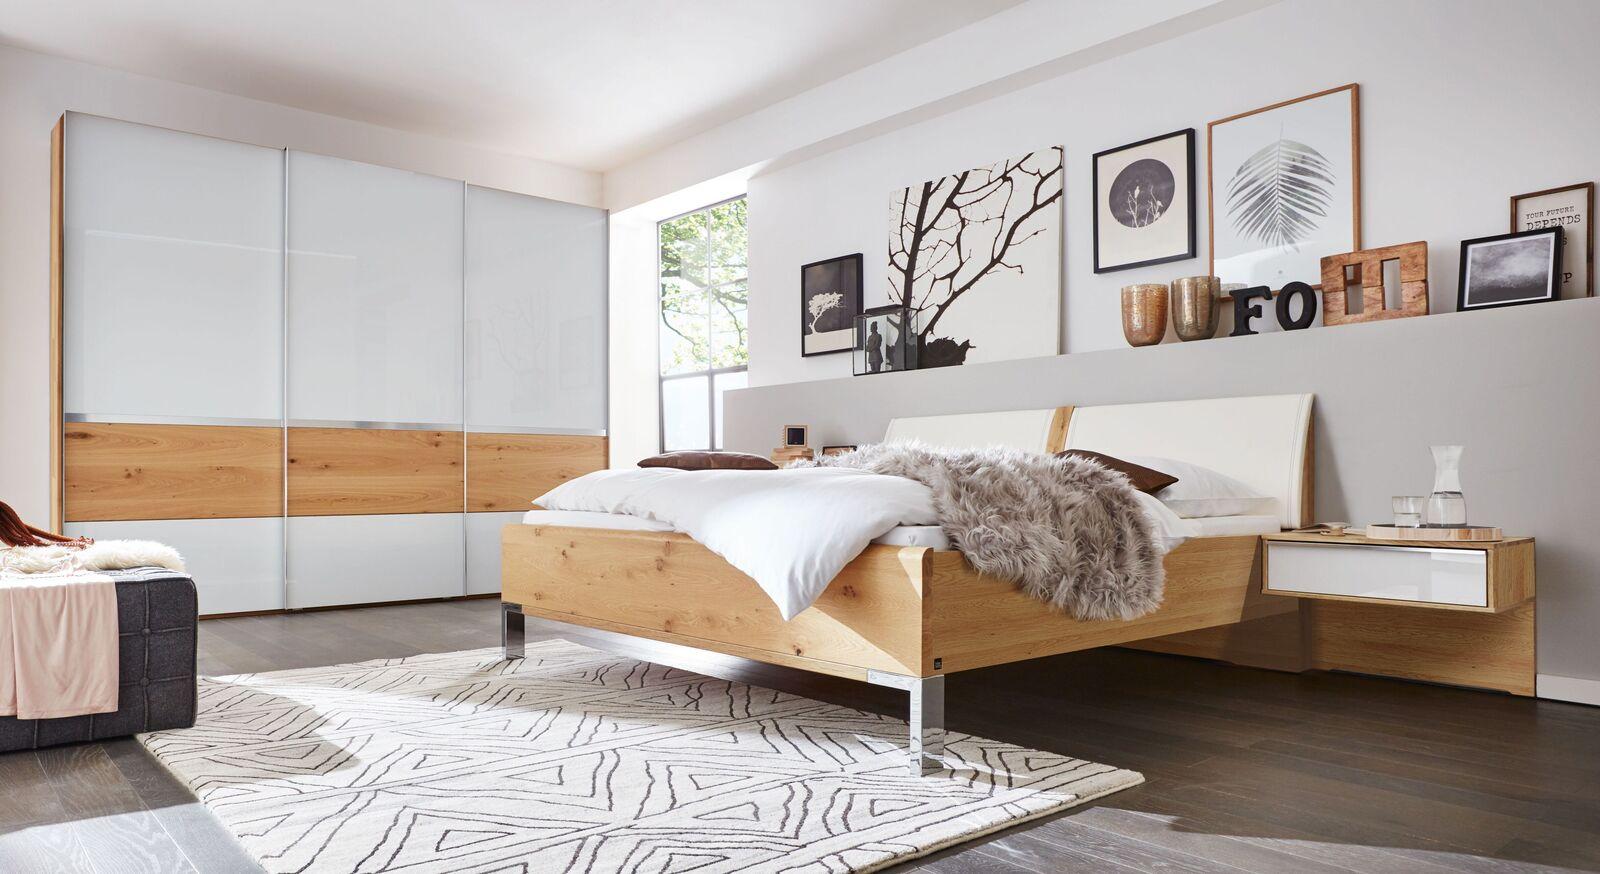 INTERLIVING Komplett-Schlafzimmer 1202 mit 4-Teilen